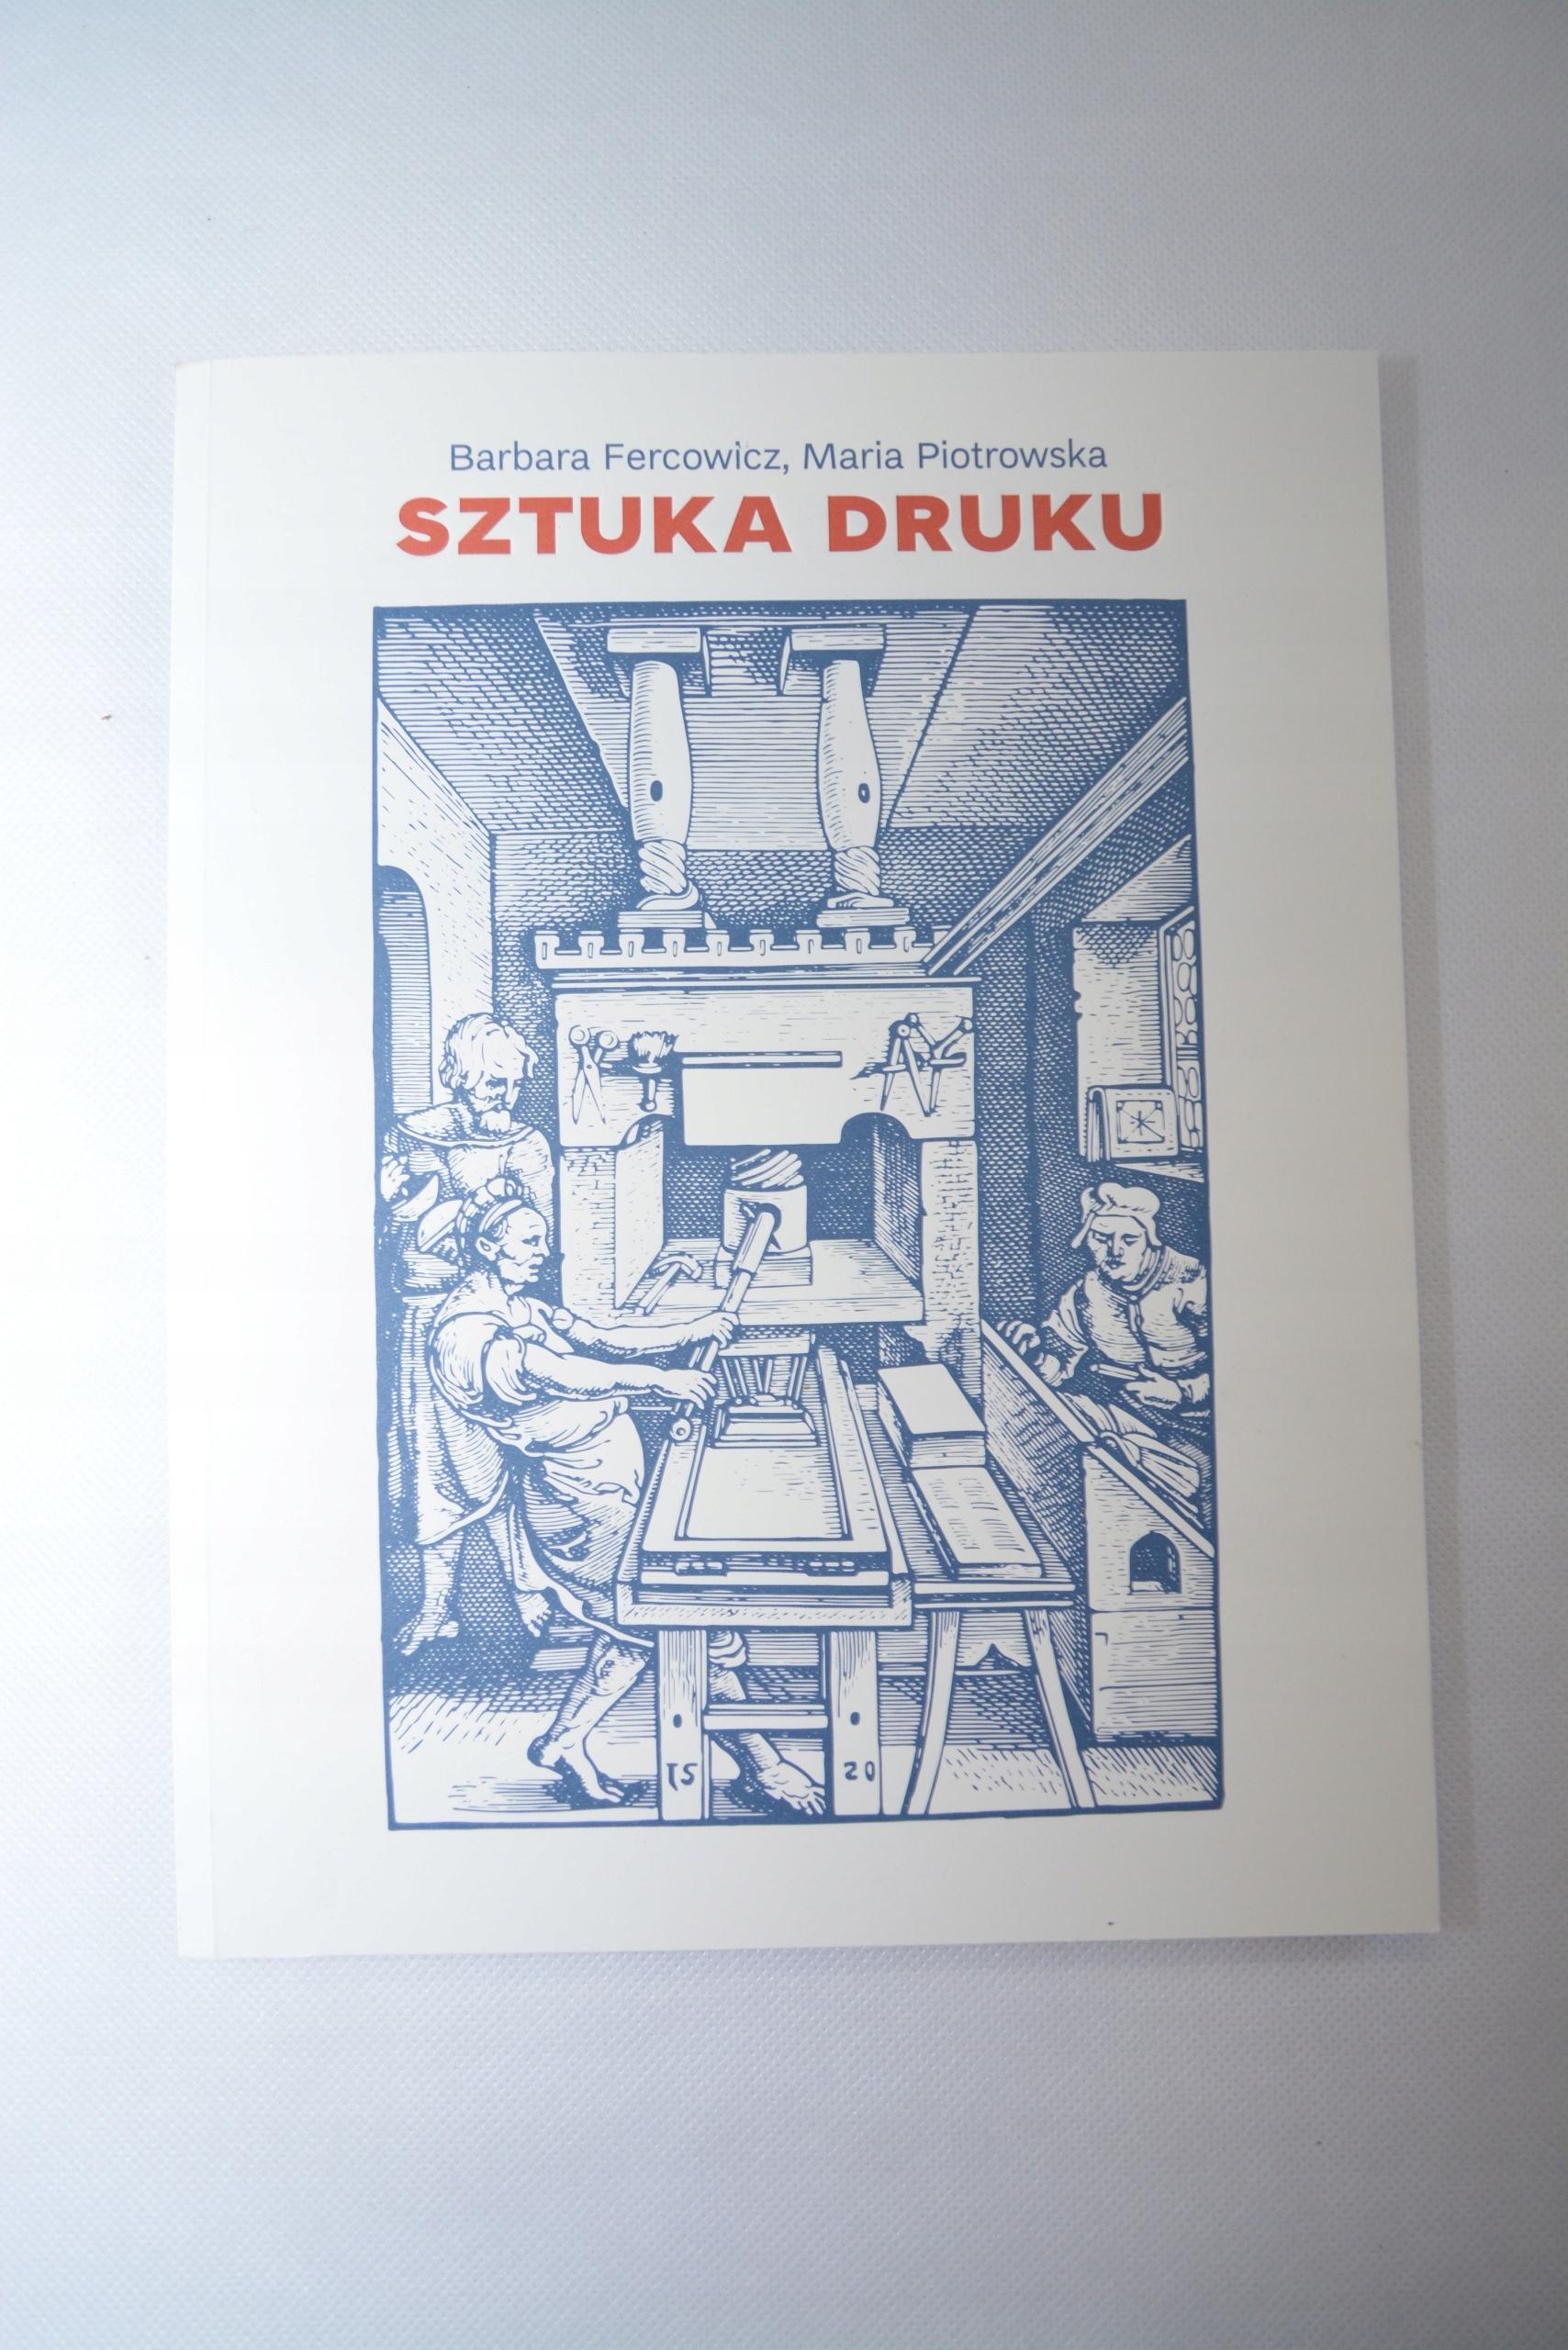 Искусство печати европейских издательств в sta